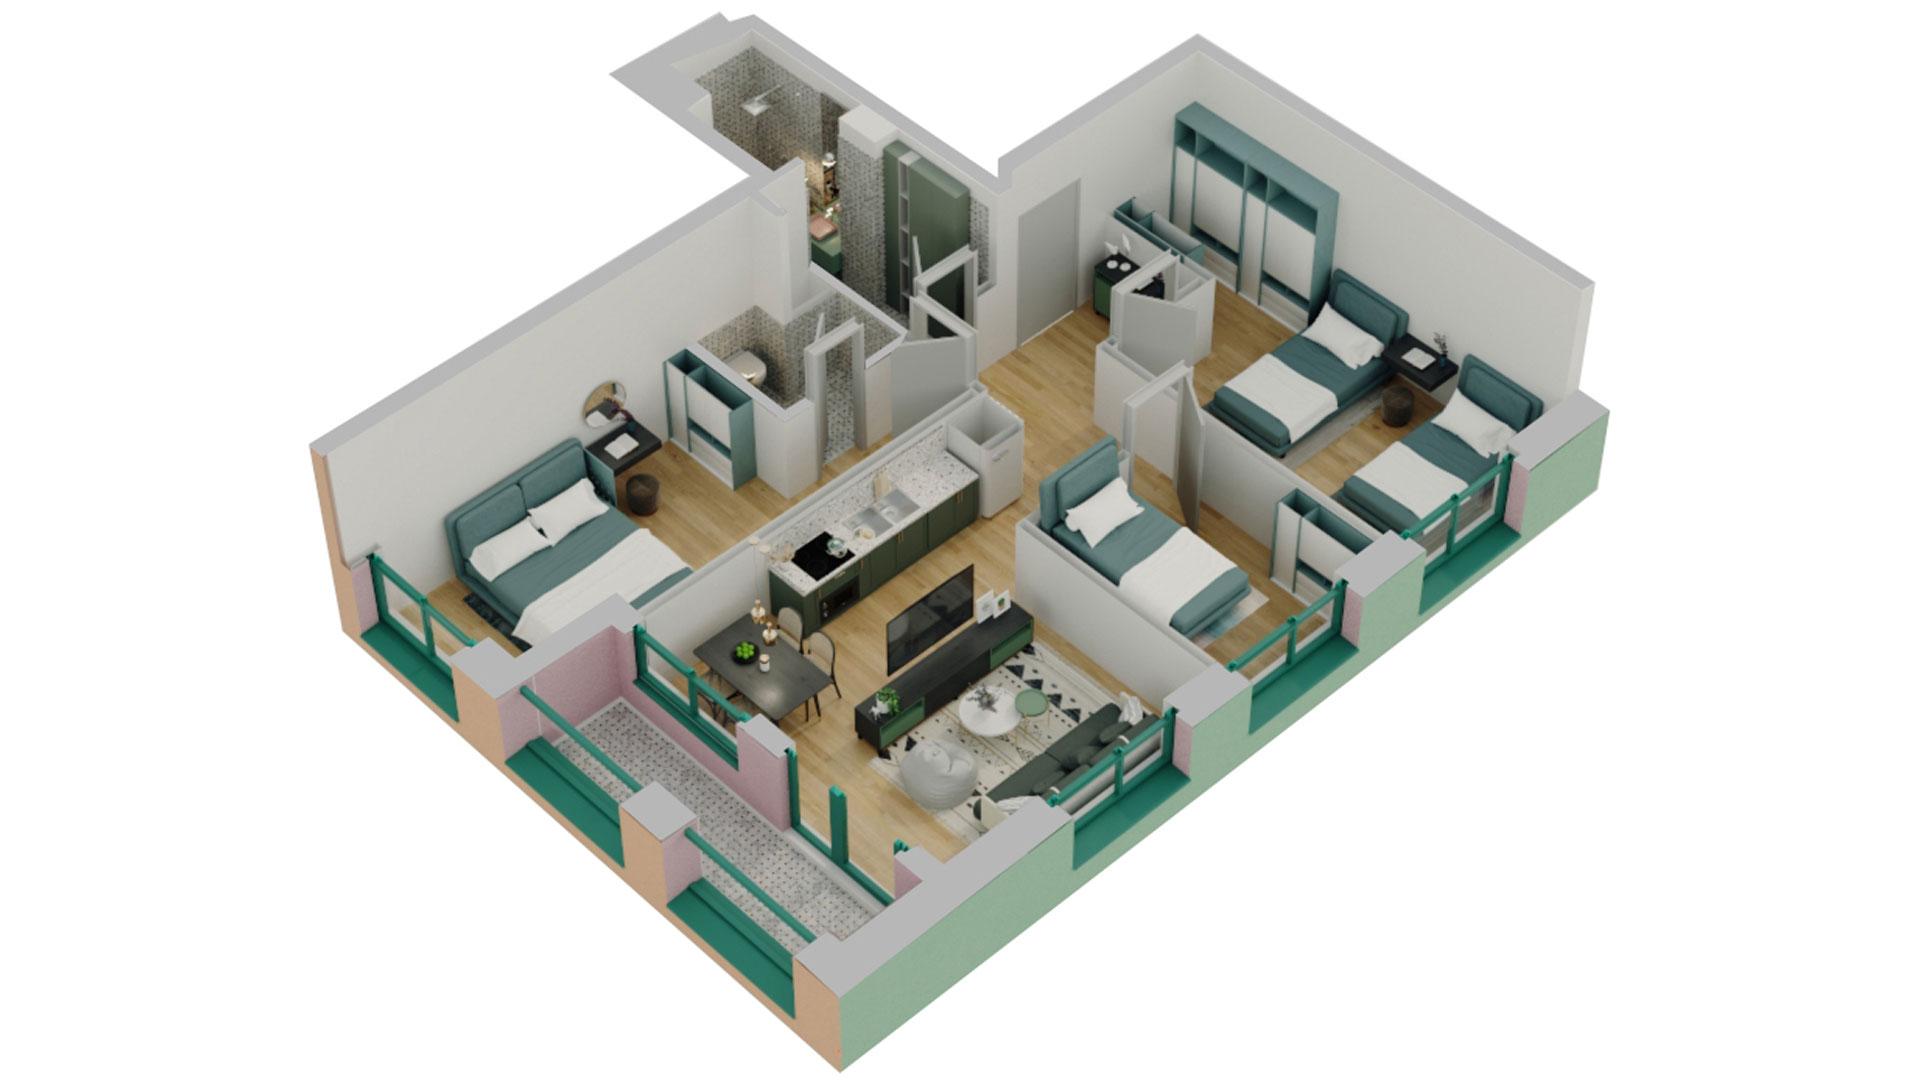 Apartament 3+1 në shitje në Tiranë - Mangalem 21 Shkalla 16 Kati 3